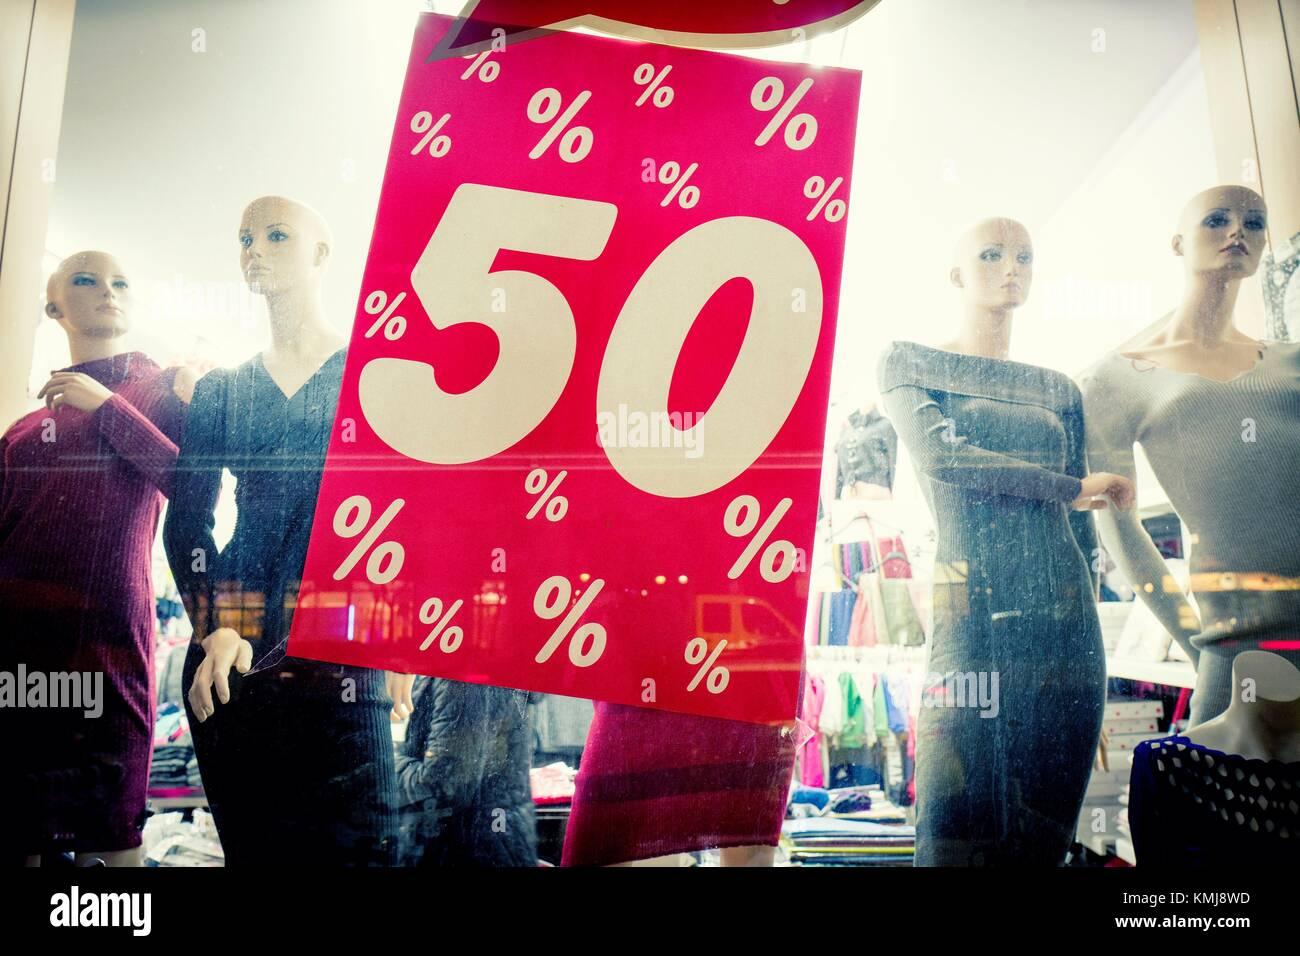 Il Primer plano de onu escaparate de una tienda de moda con maniquís femeninos y onu cartello grande de 50. Immagini Stock